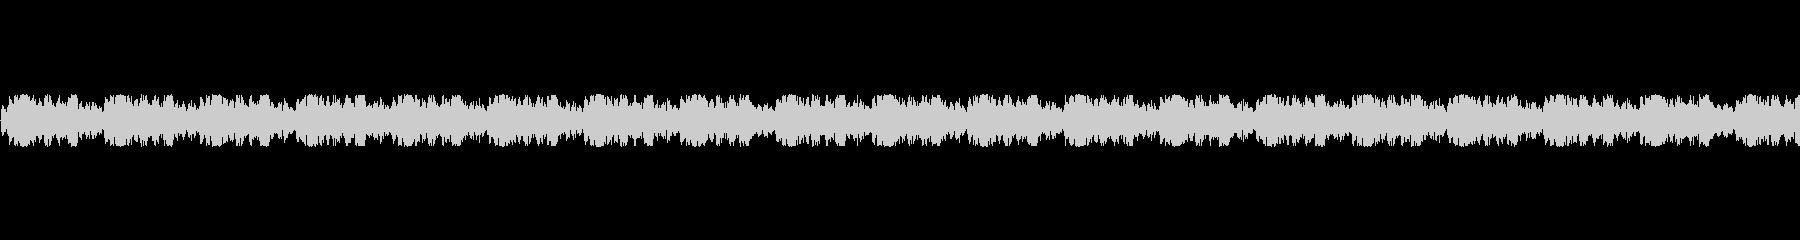 「ループ音源シリーズ」古の旅行者達が未…の未再生の波形